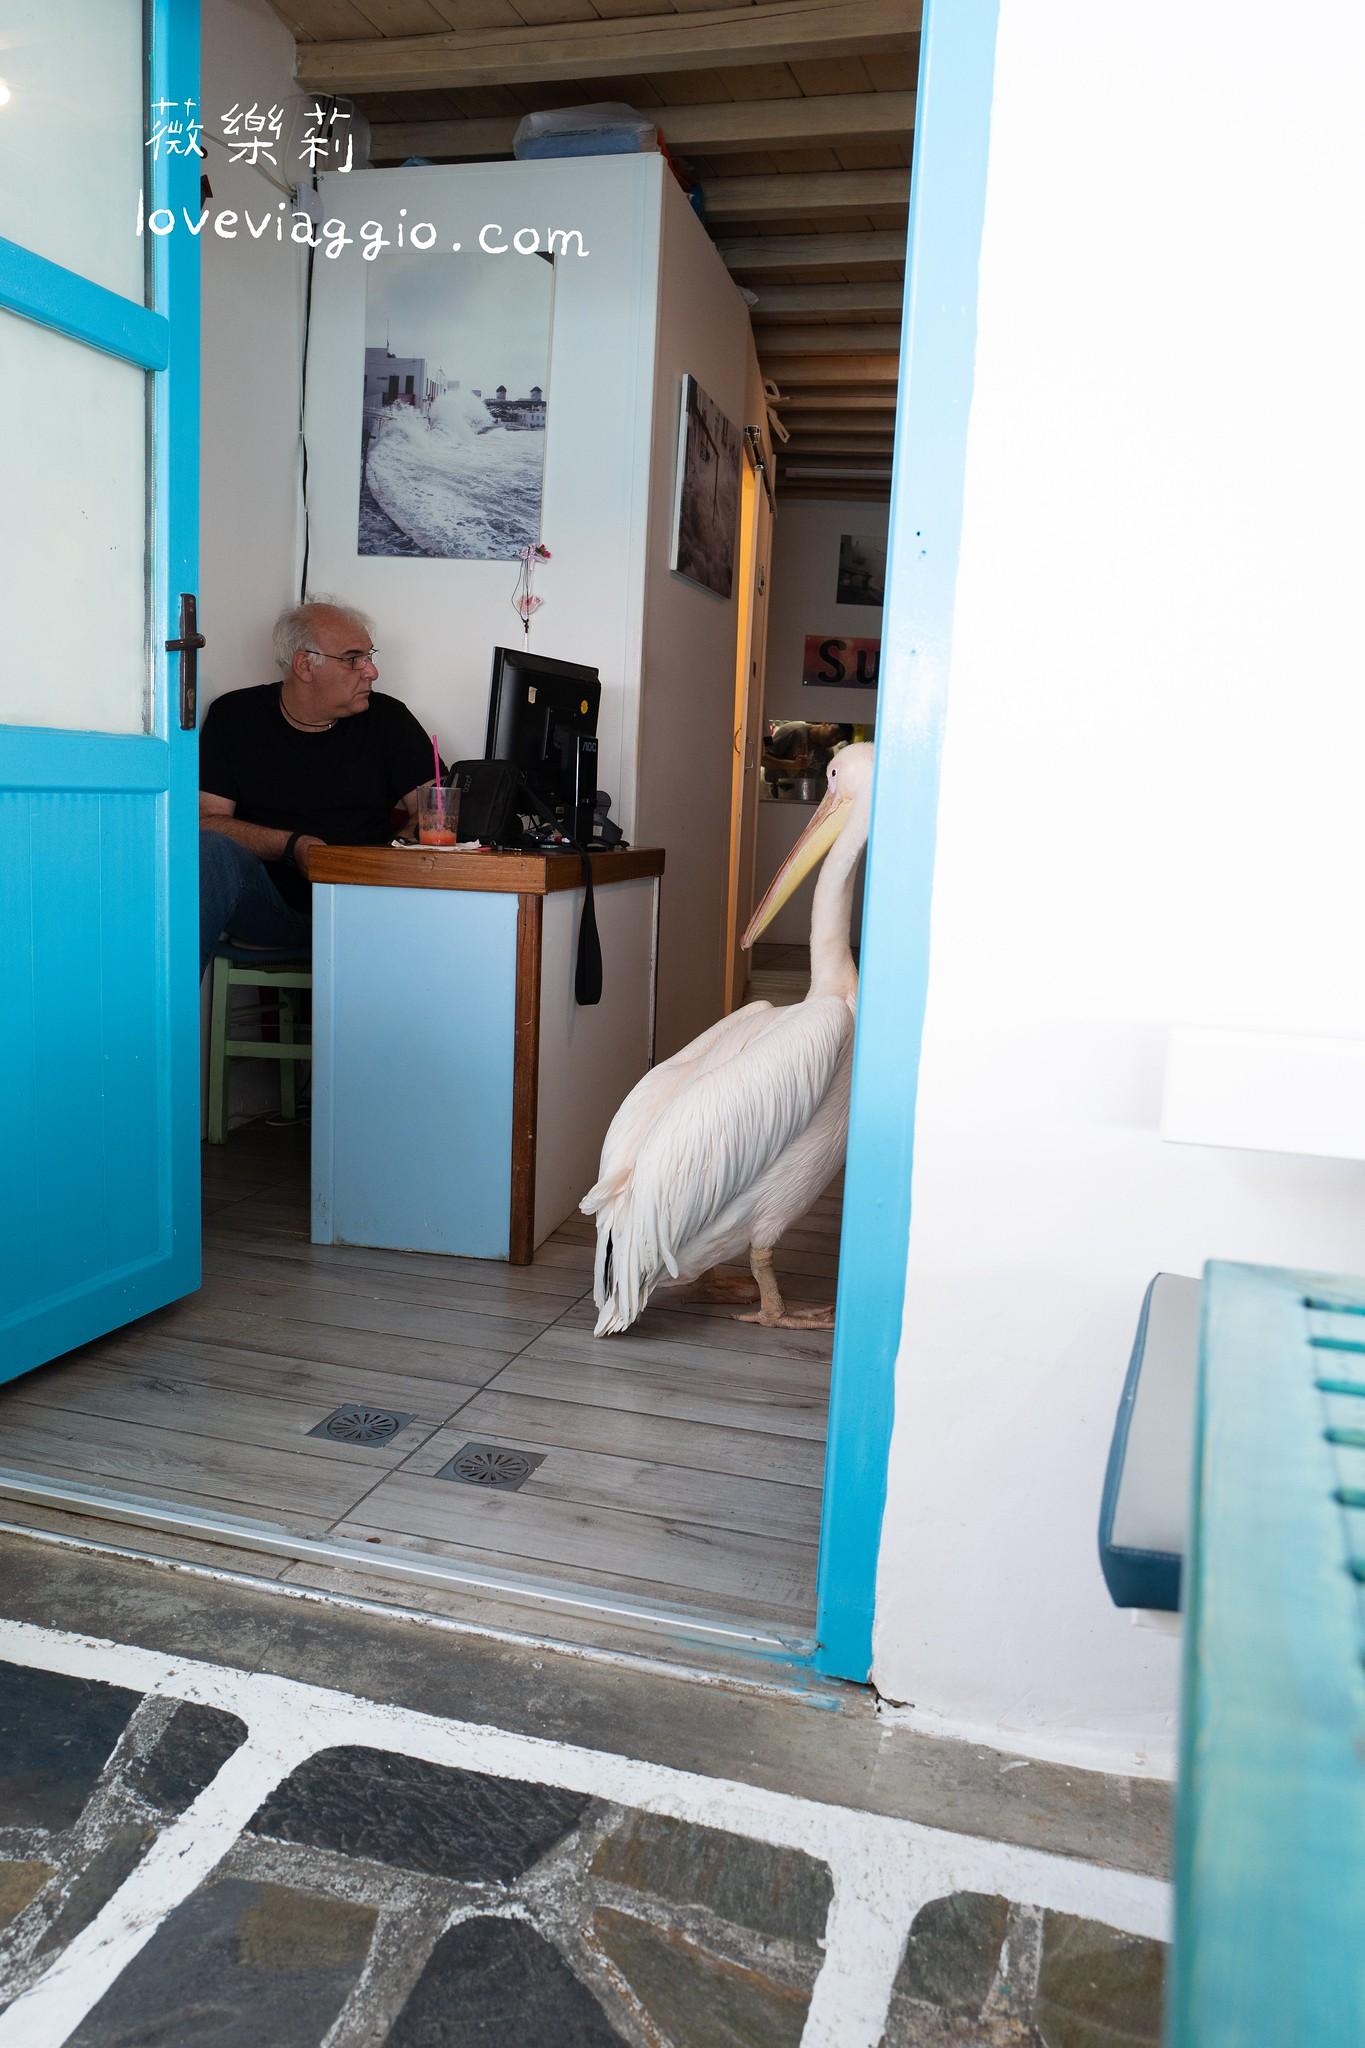 【希臘米克諾斯Mykonos】小威尼斯海景 鵜鶘與卡托米利風車 @薇樂莉 Love Viaggio | 旅行.生活.攝影